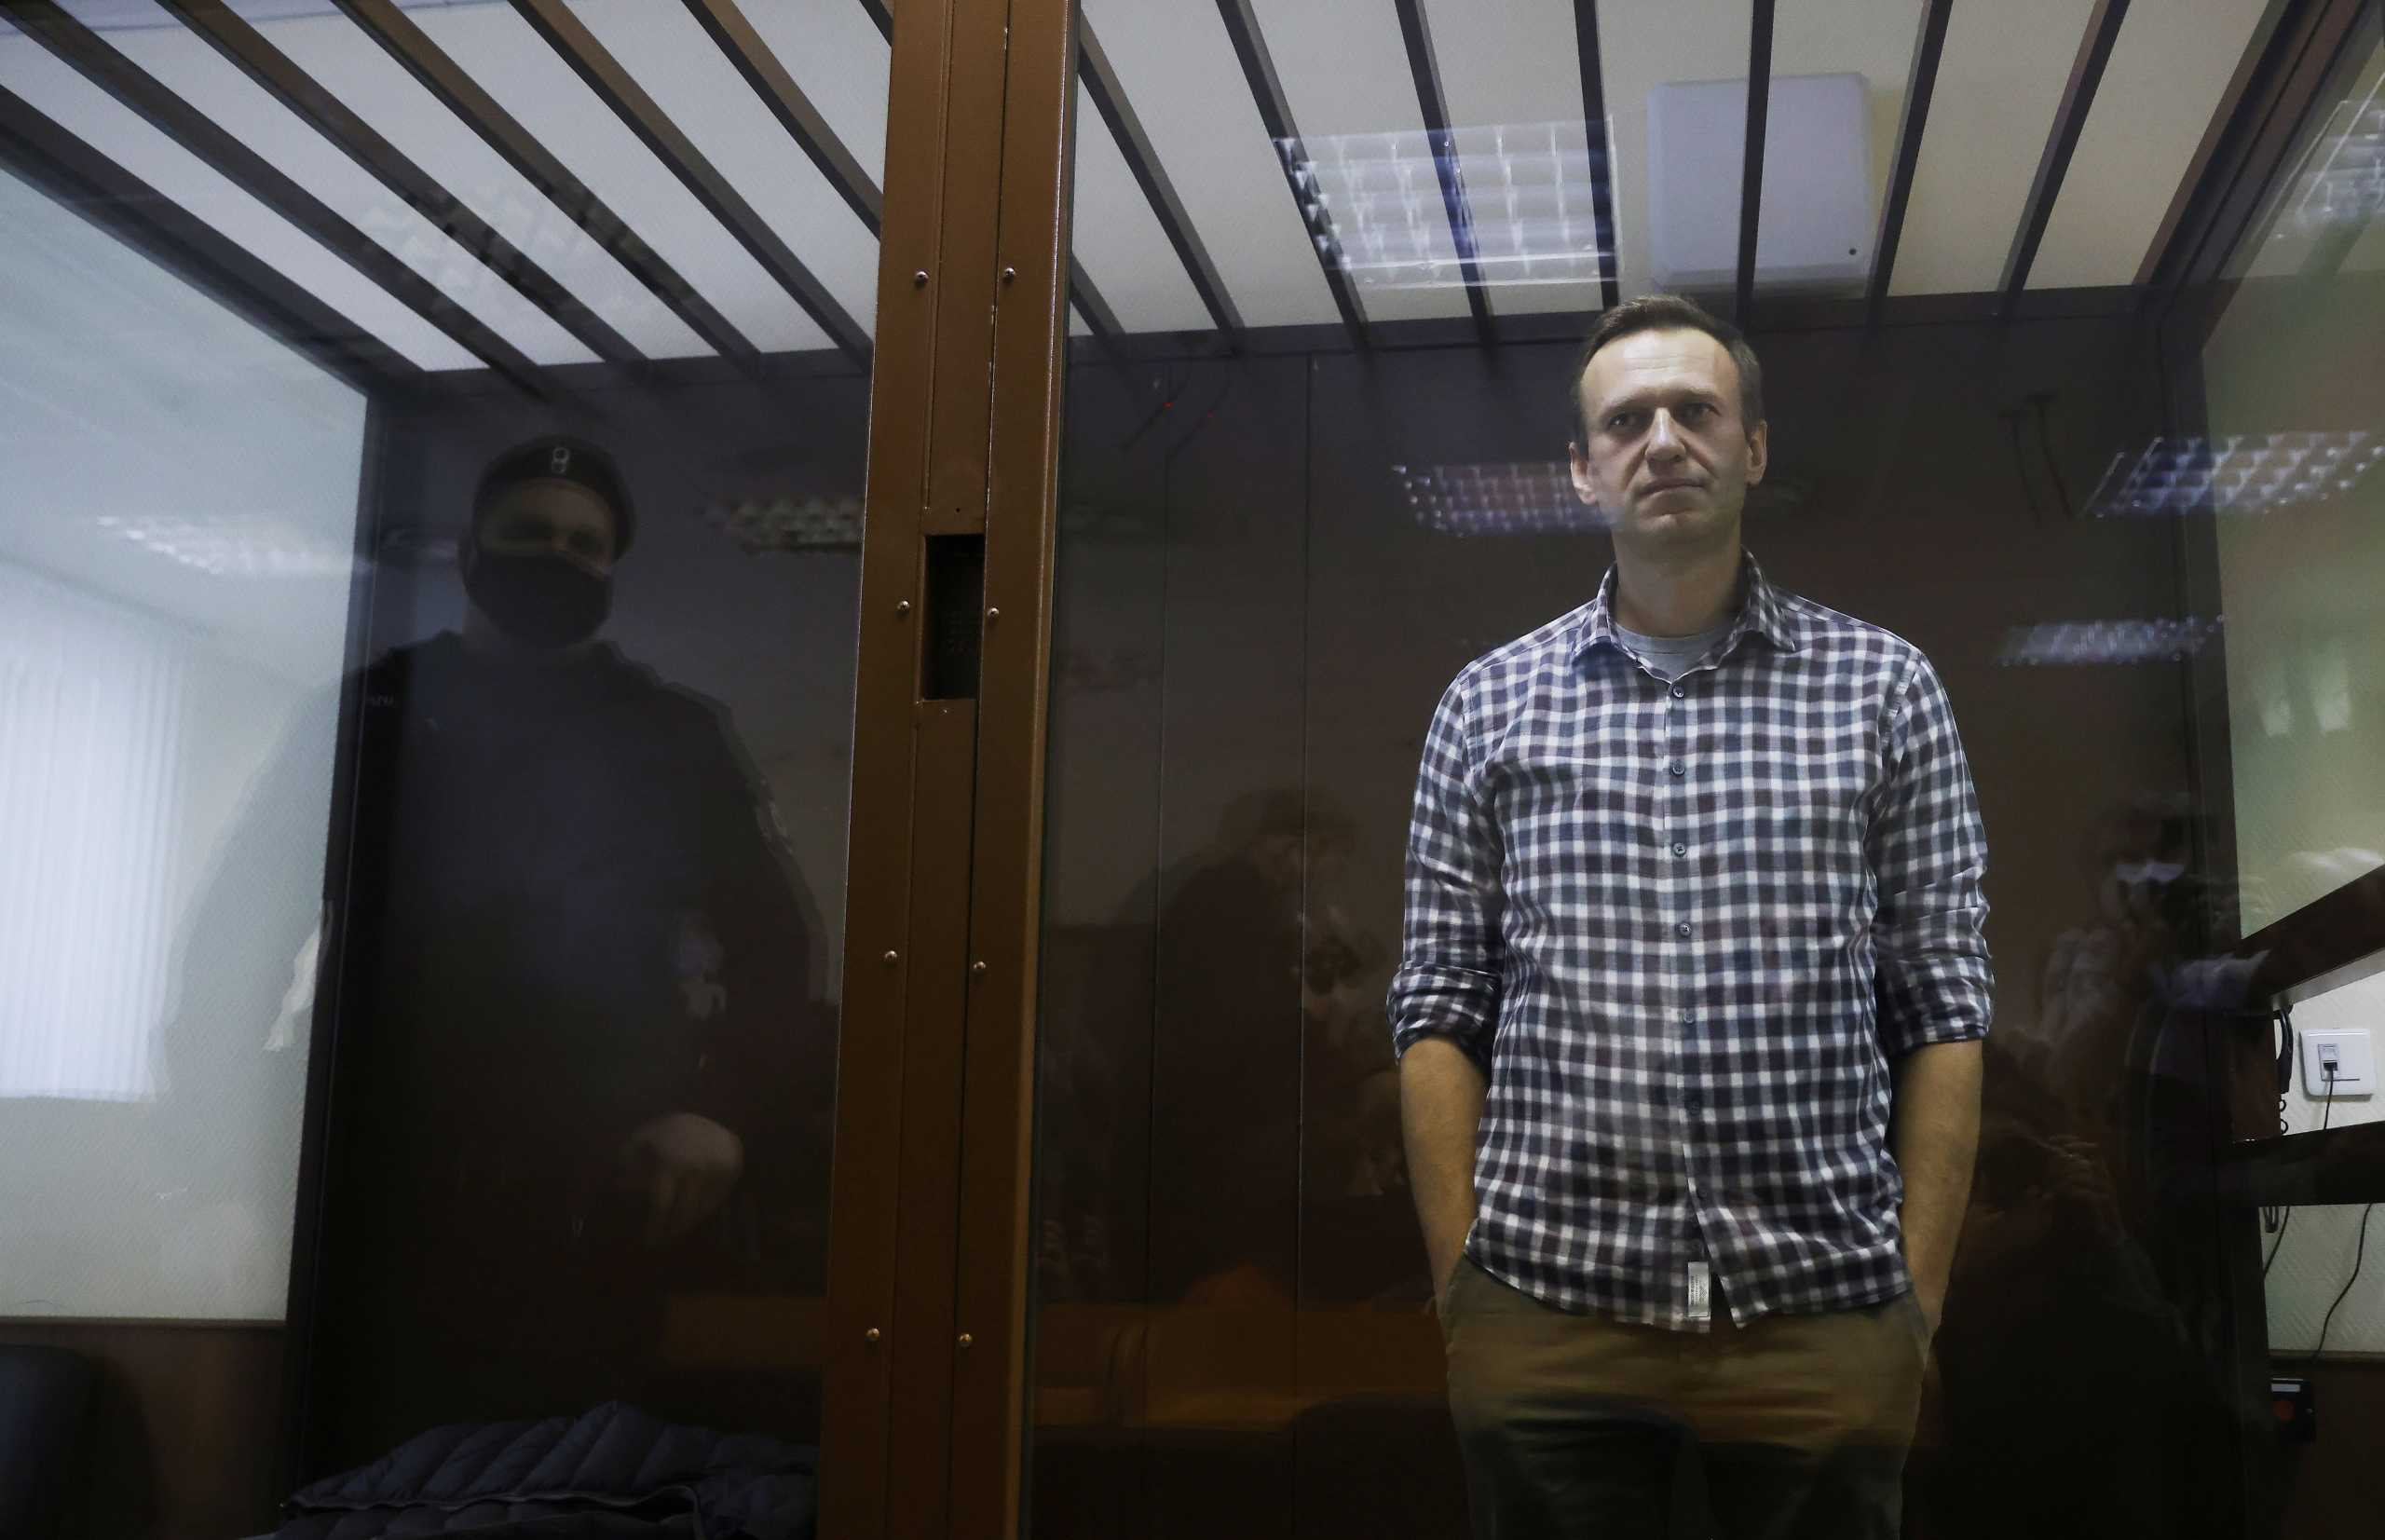 Ρωσία: Νέα ανησυχία για Ναβάλνι – Επιδεινώθηκε η υγεία του λένε οι δικηγόροι του